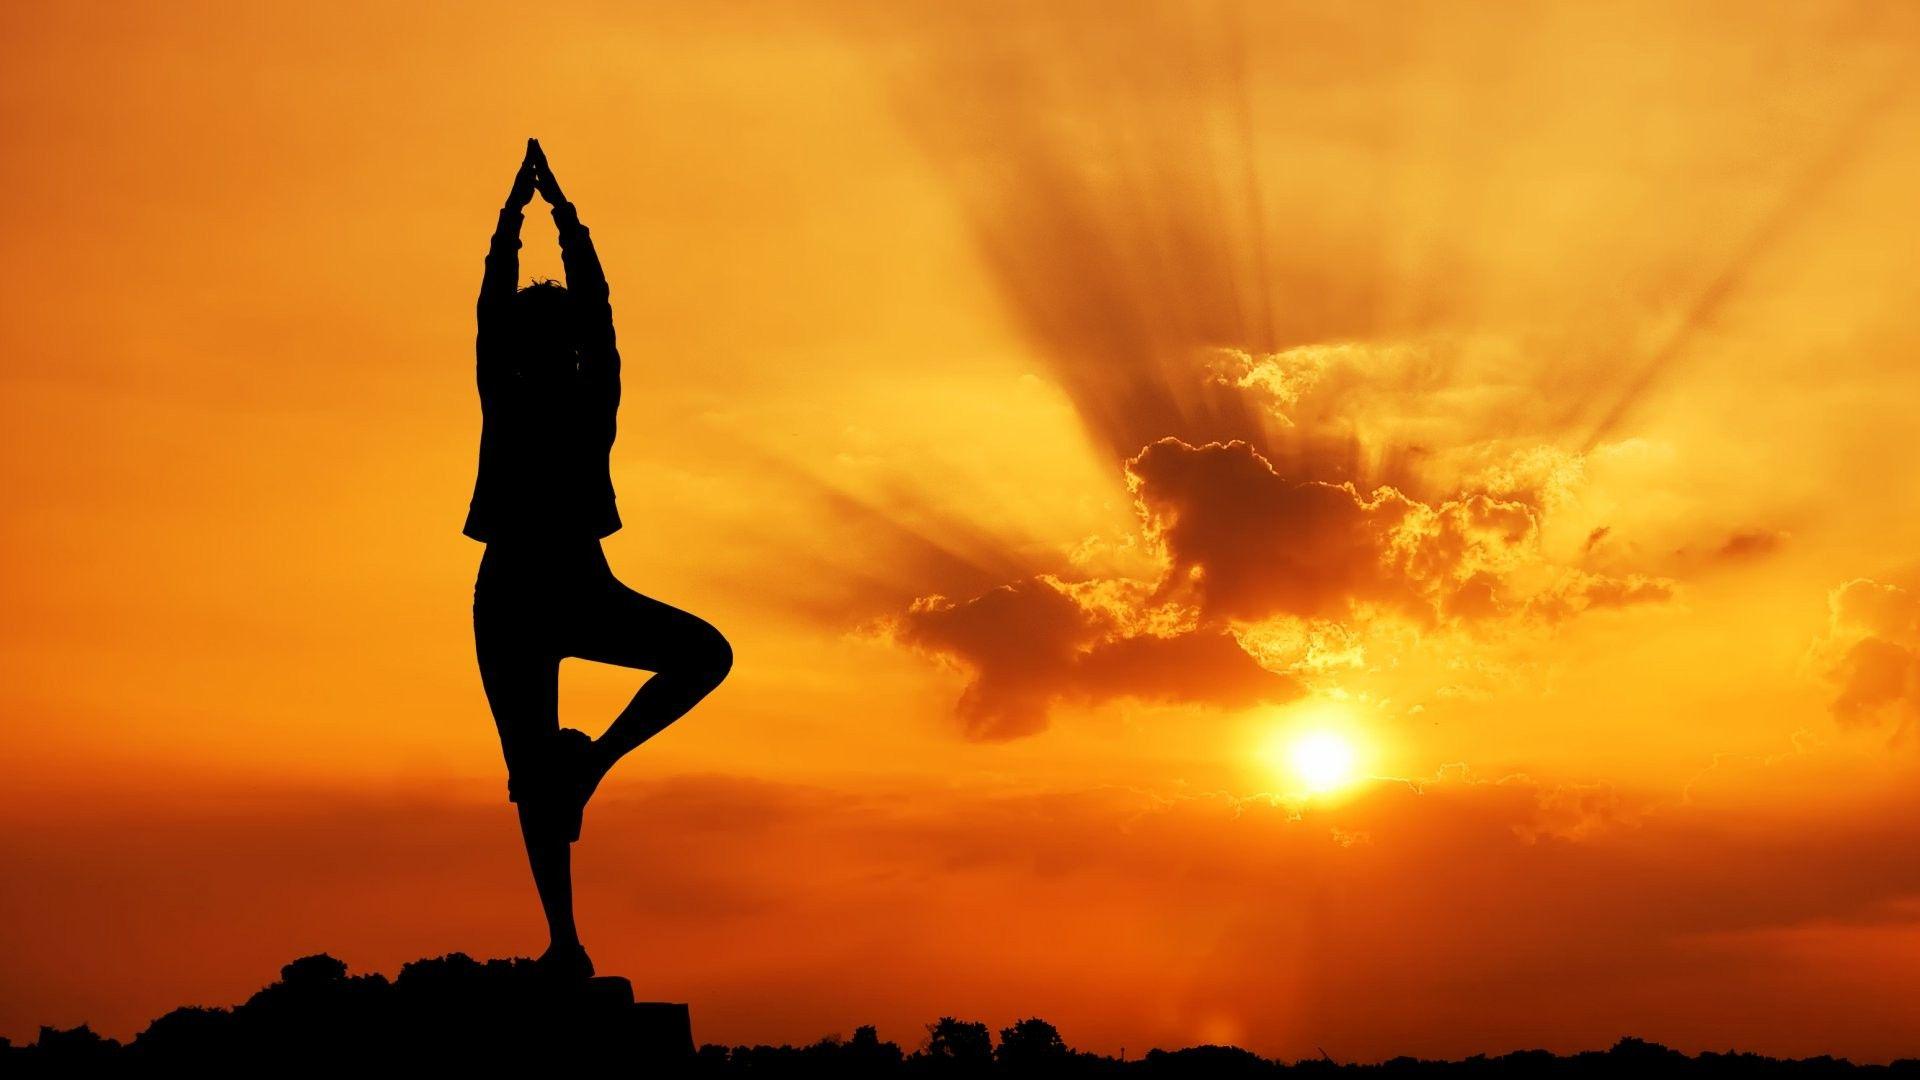 Meditation full wallpaper